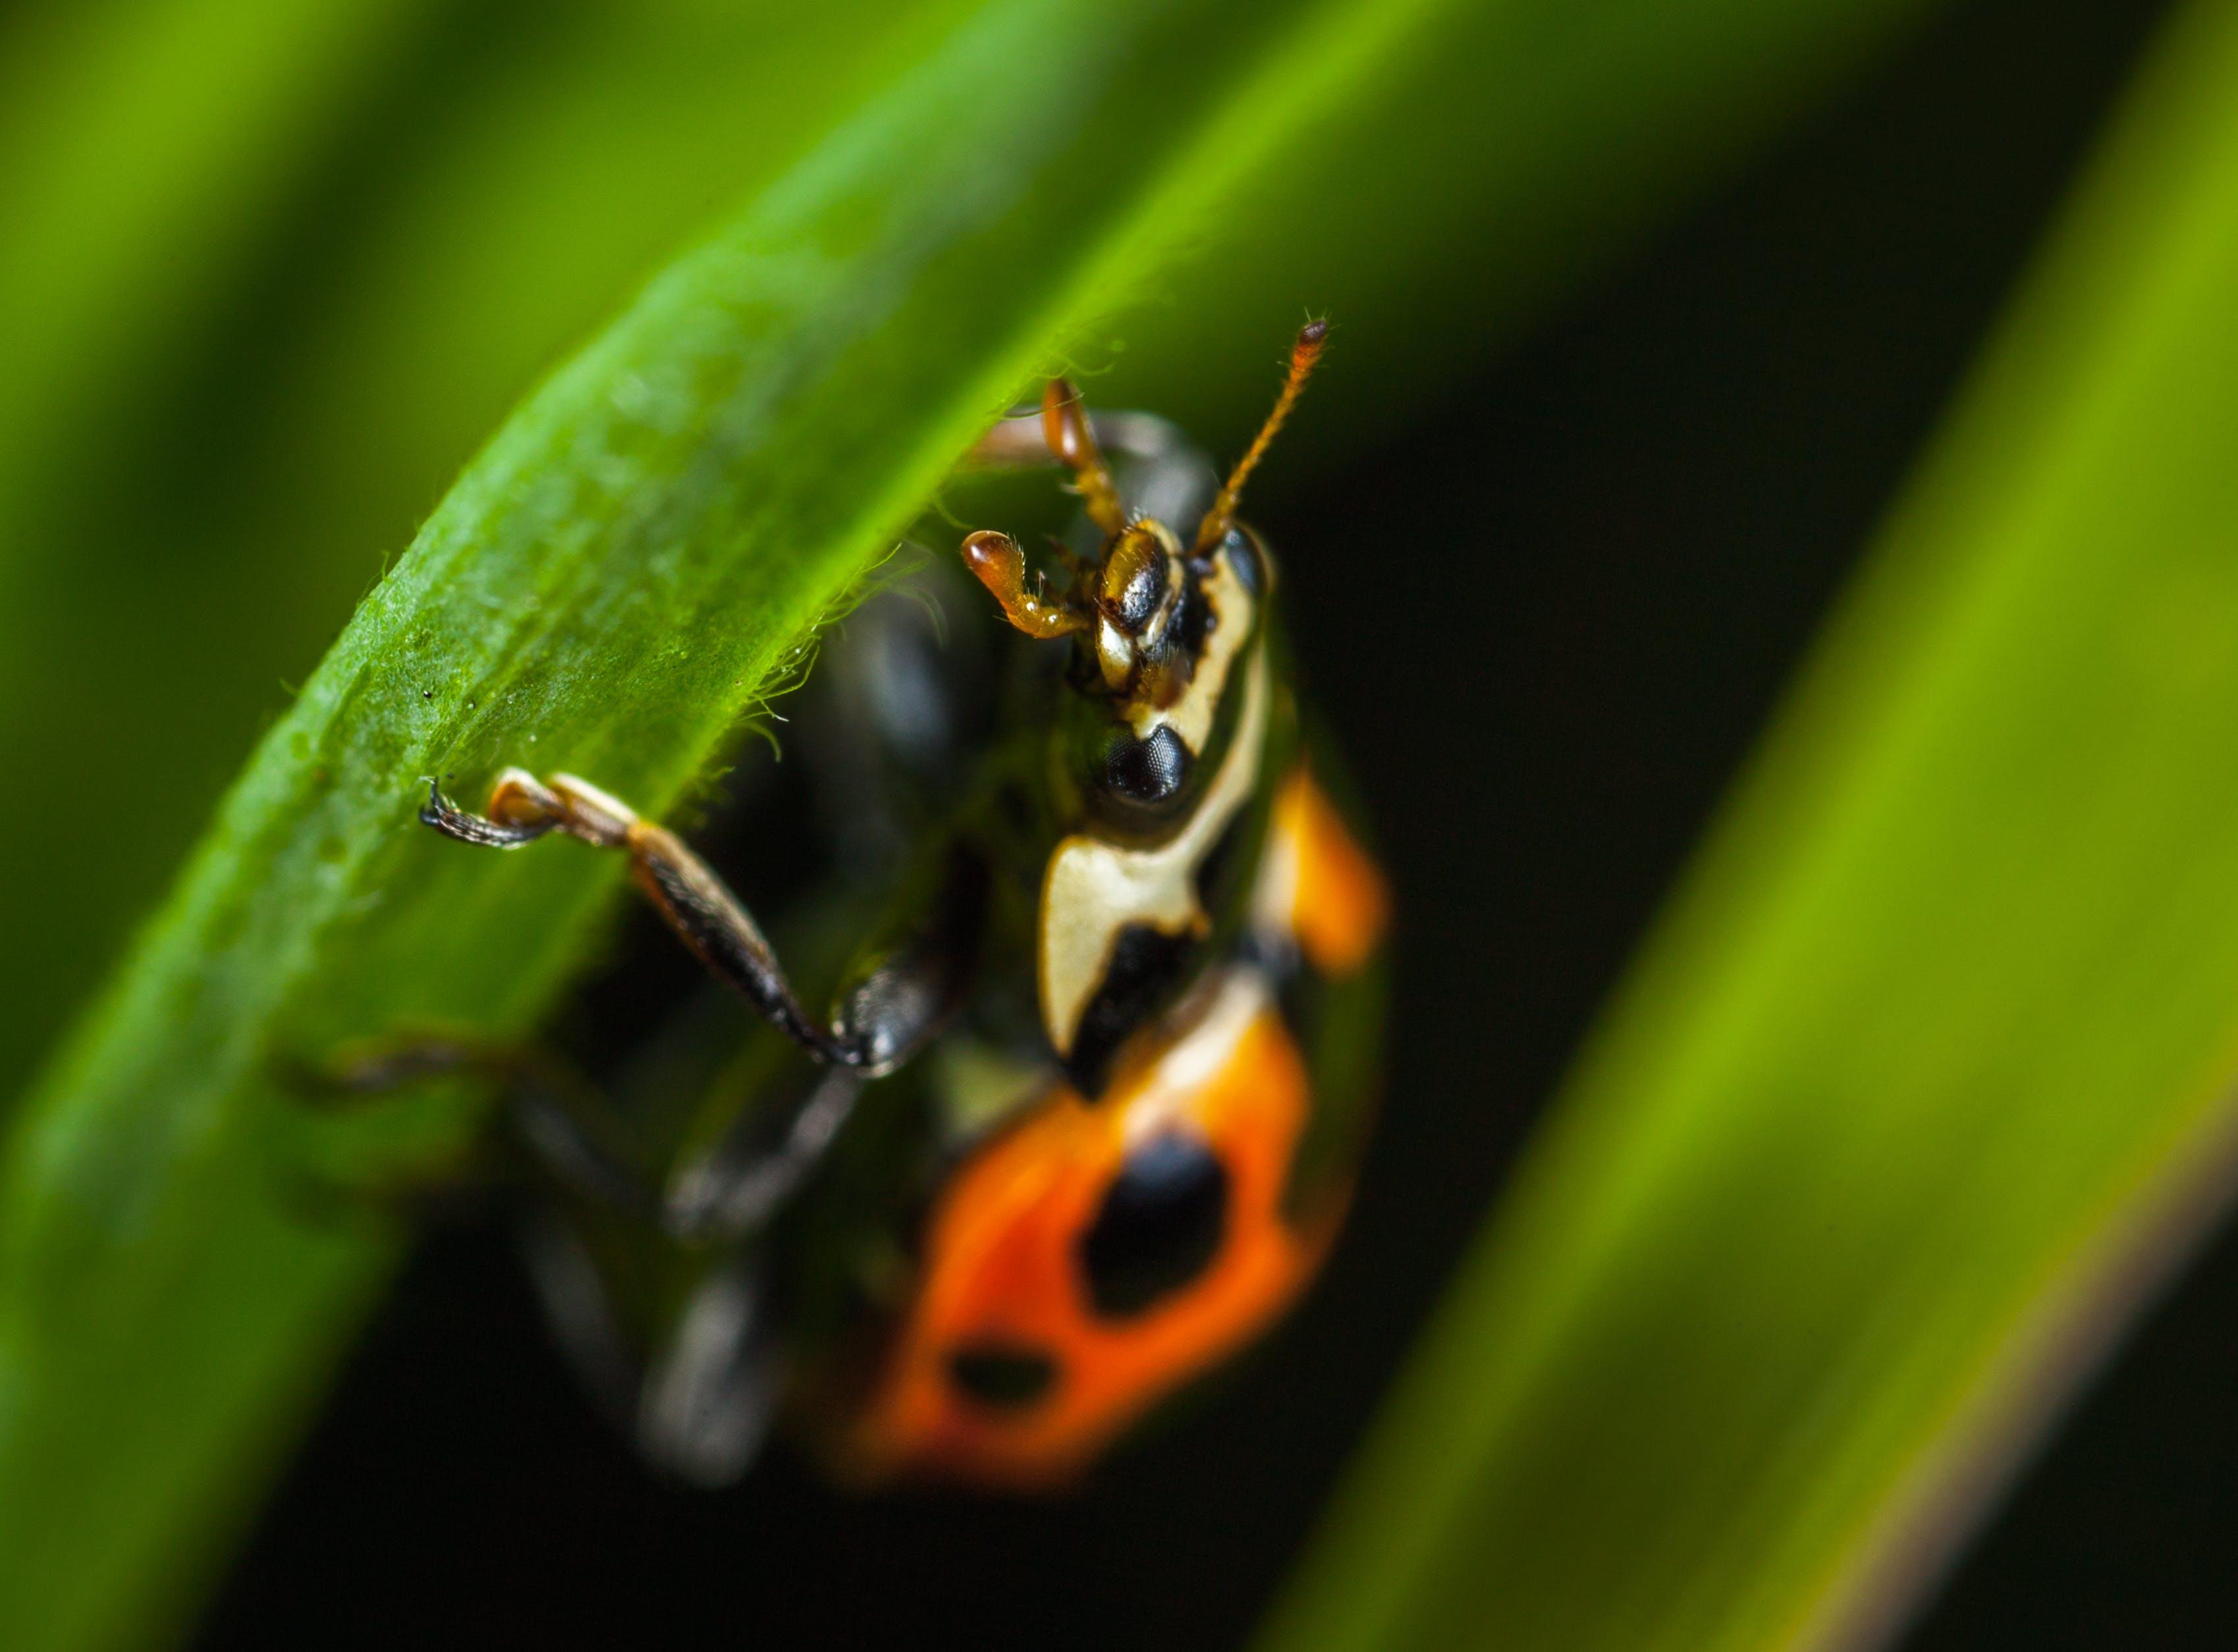 Micro Photography of Orange Ladybug Perching on Leaf